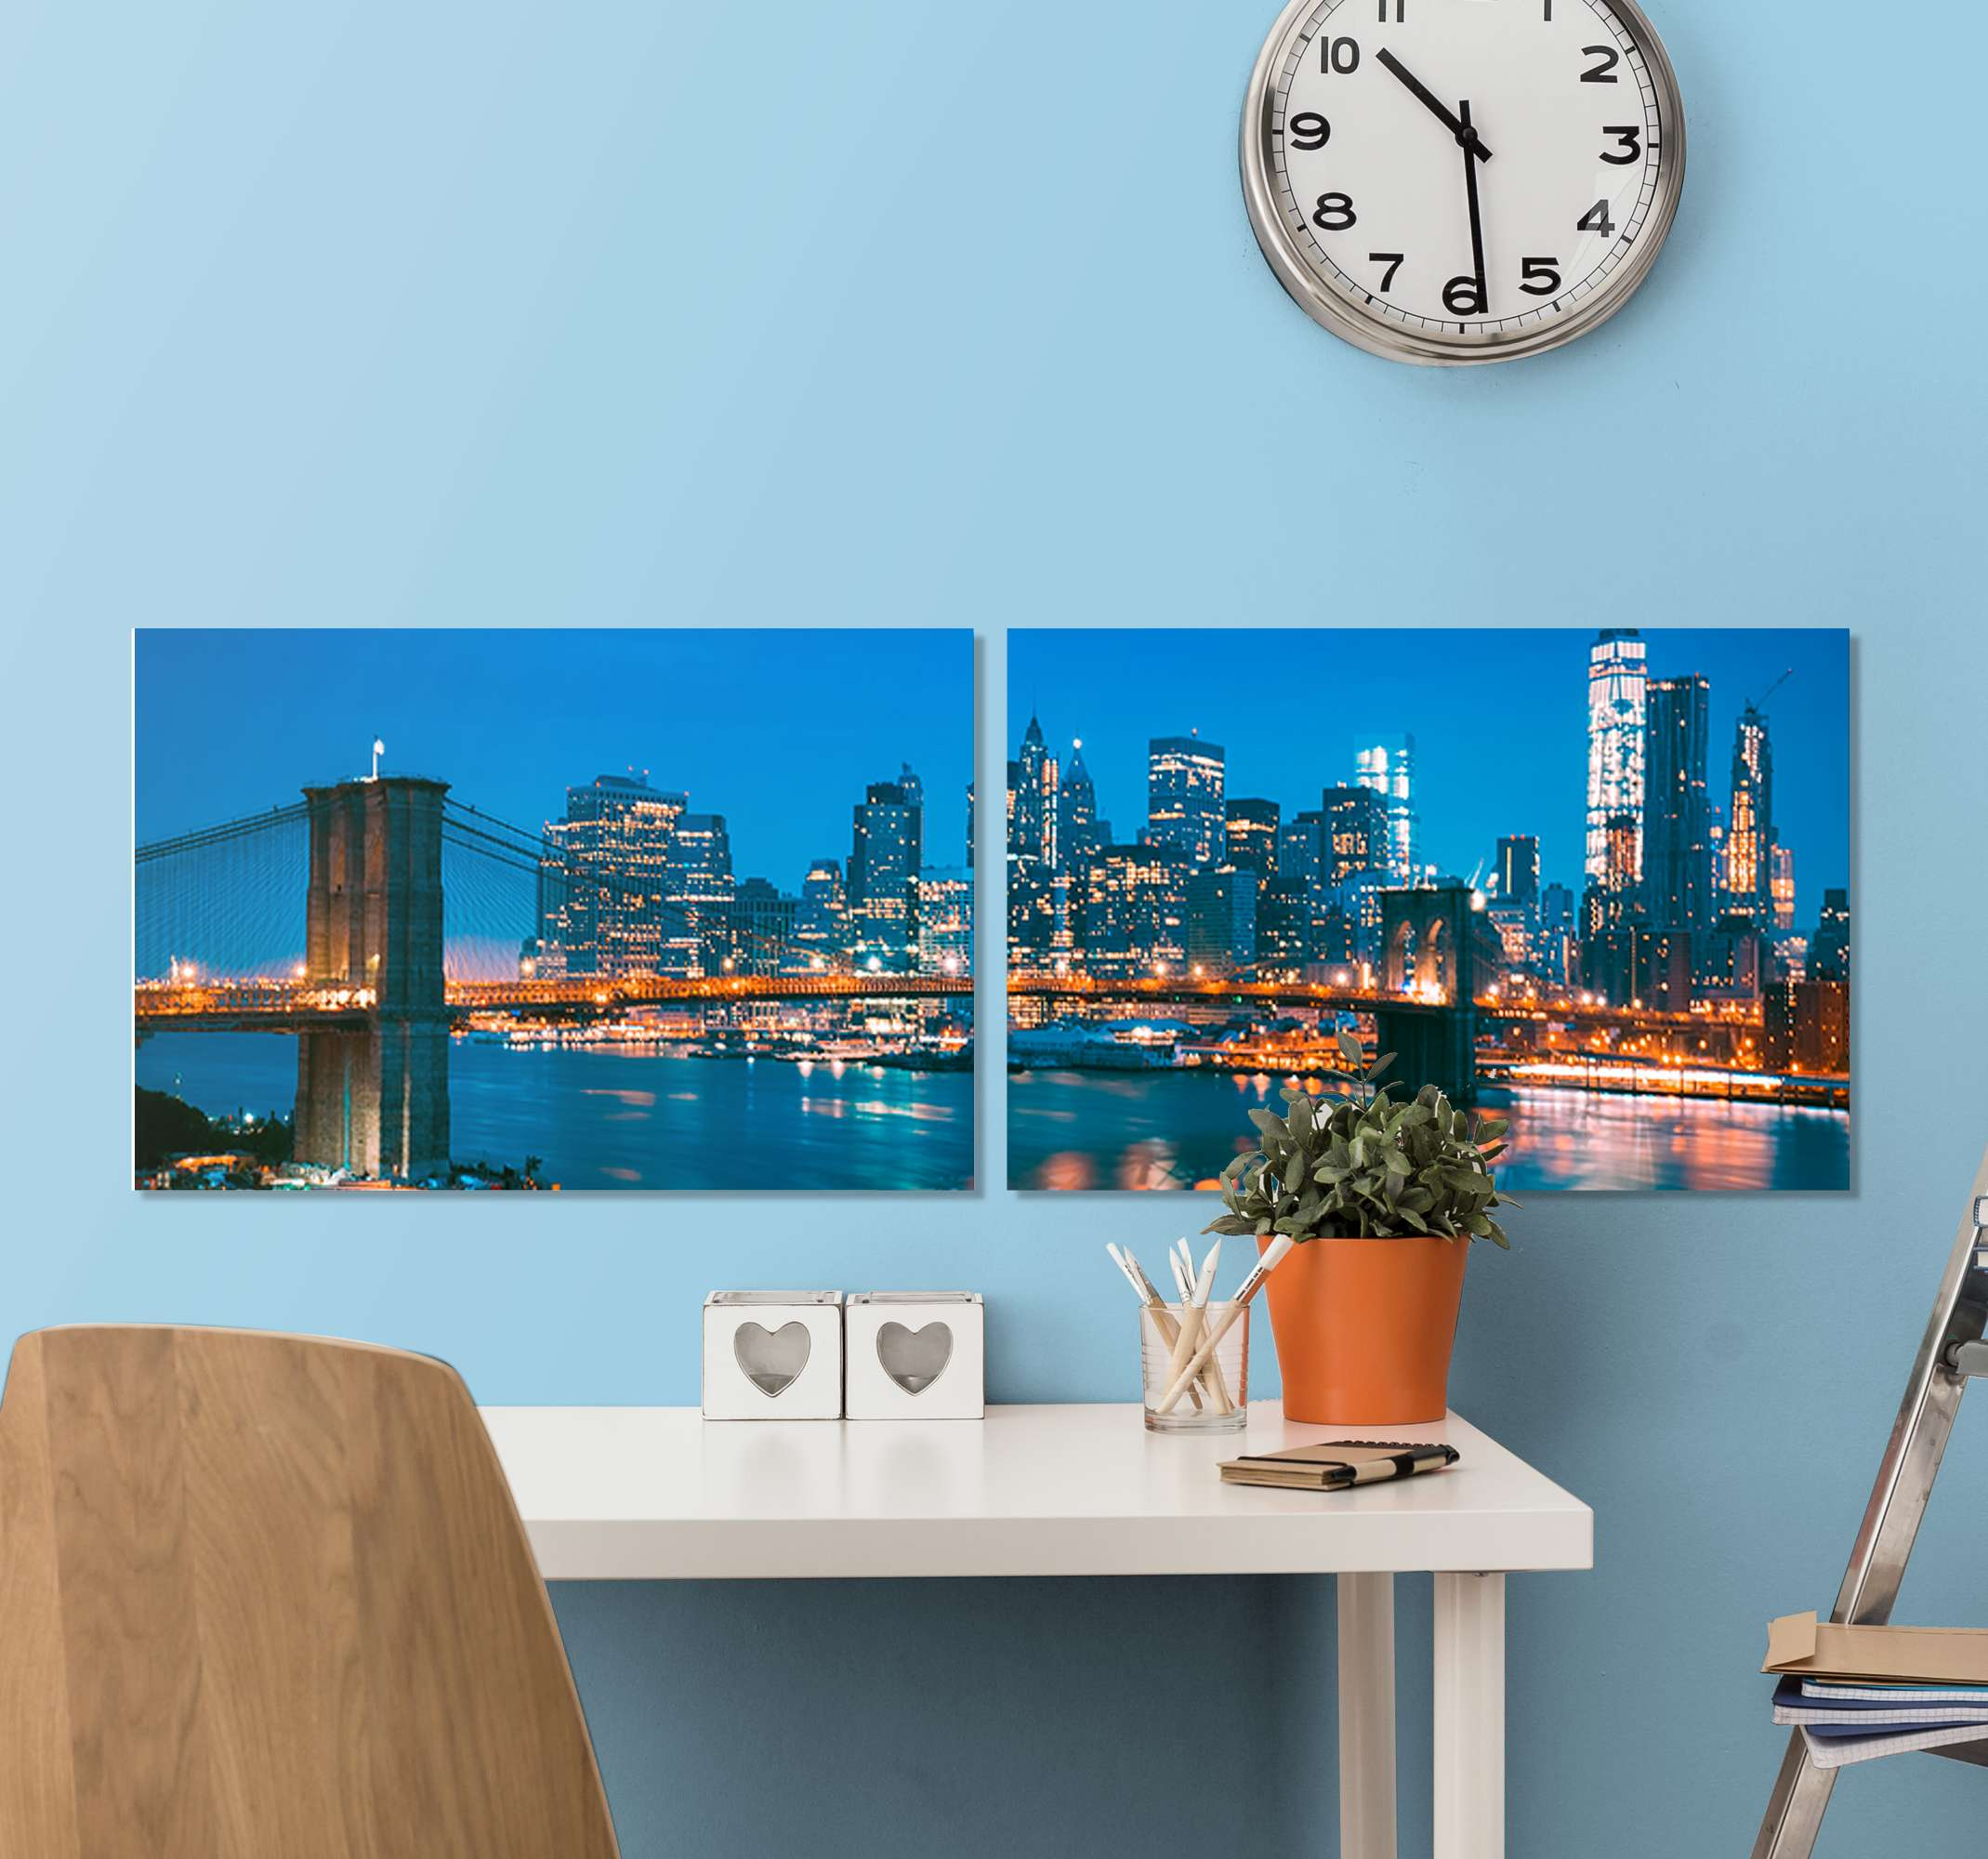 TenStickers. Felhőkarcoló new york-i keleti folyó éjszaka városára nyomtat. Milyen szép és lélegzetelállító szemléltető nyc felhőkarcoló keleti folyó éjjel vászon art design. Alkalmas otthoni, iroda, üzlet, társalgó dekorációra.